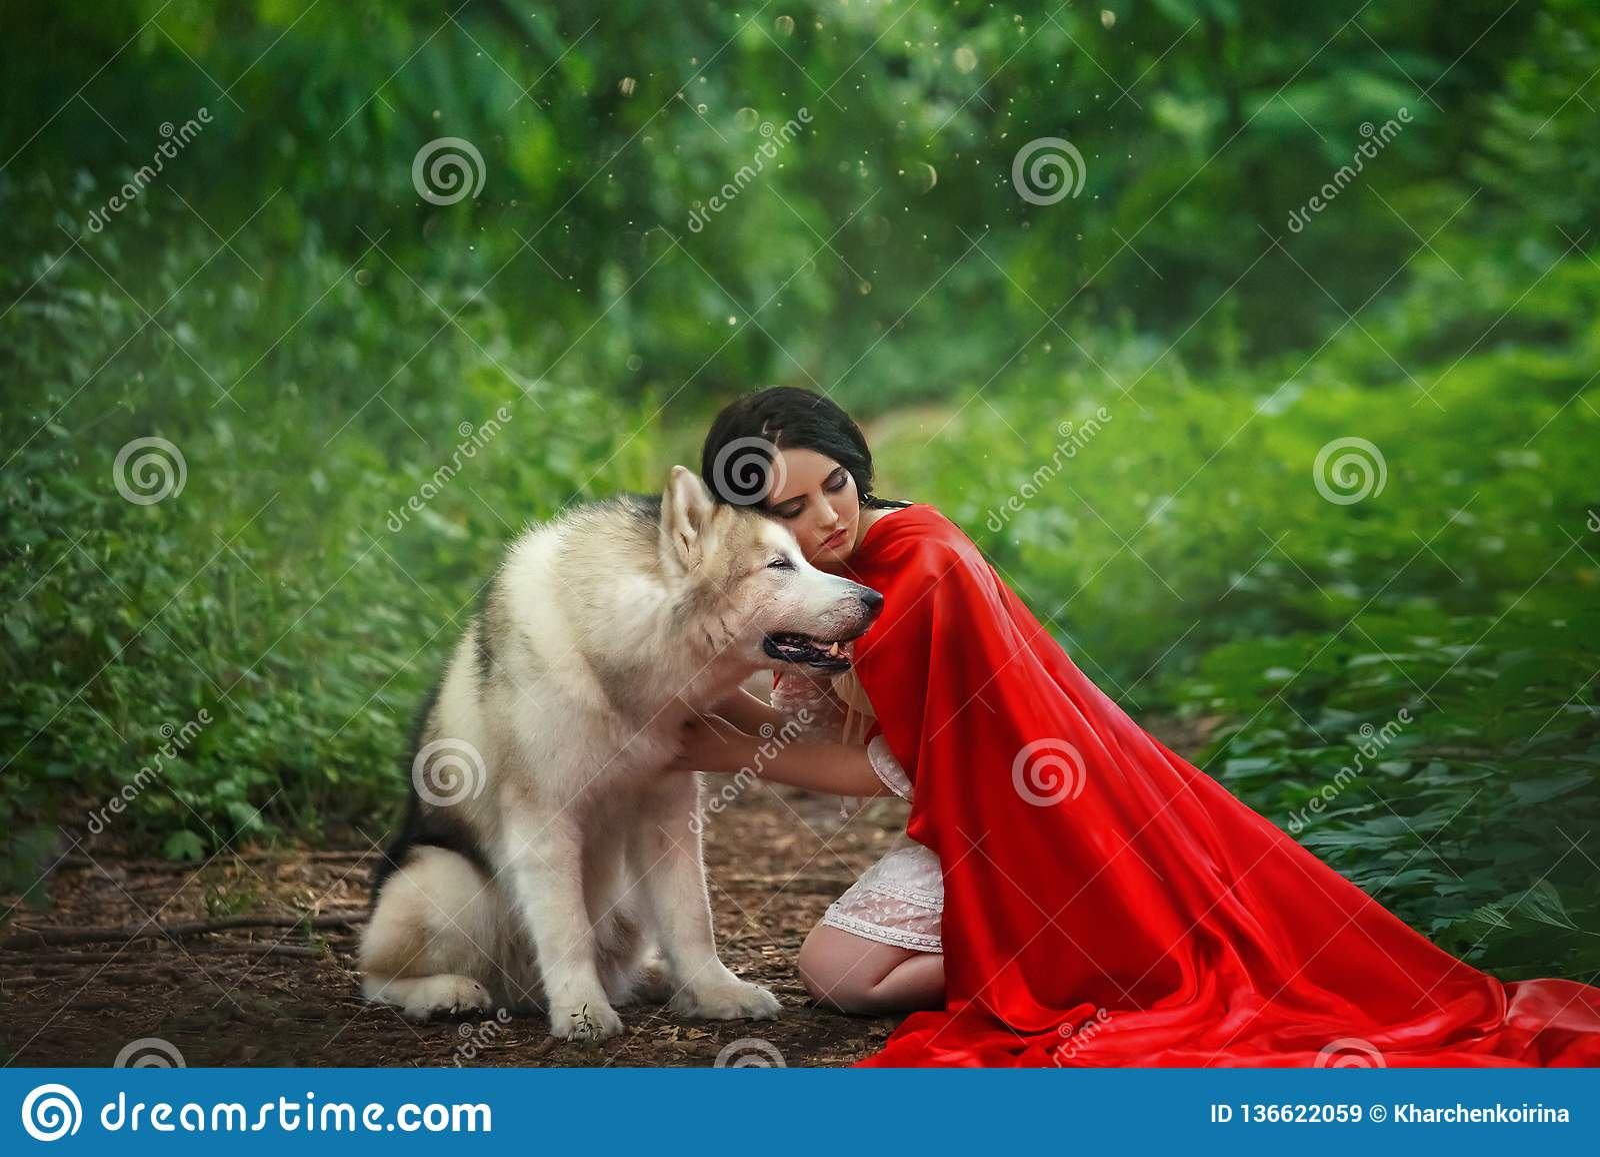 La imagen fabulosa, señora atractiva morena oscuro-cabelluda en vestido blanco corto, capa roja larga del escarlata que miente en